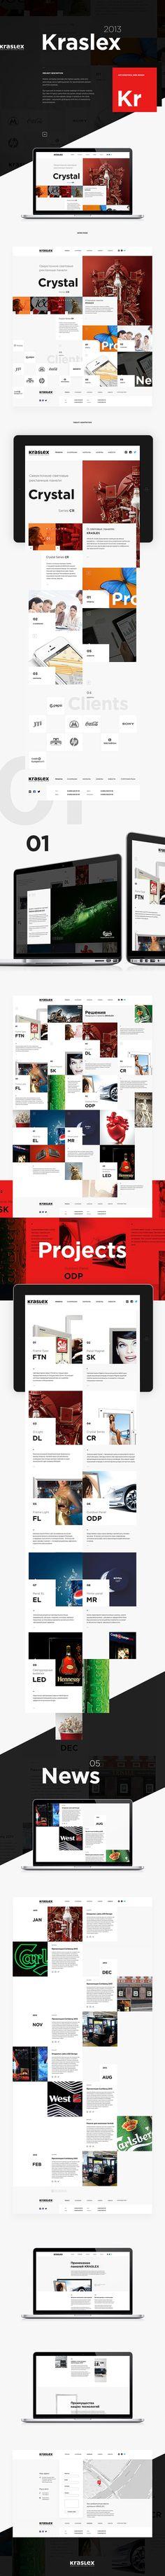 K R S L X on Web Design Served